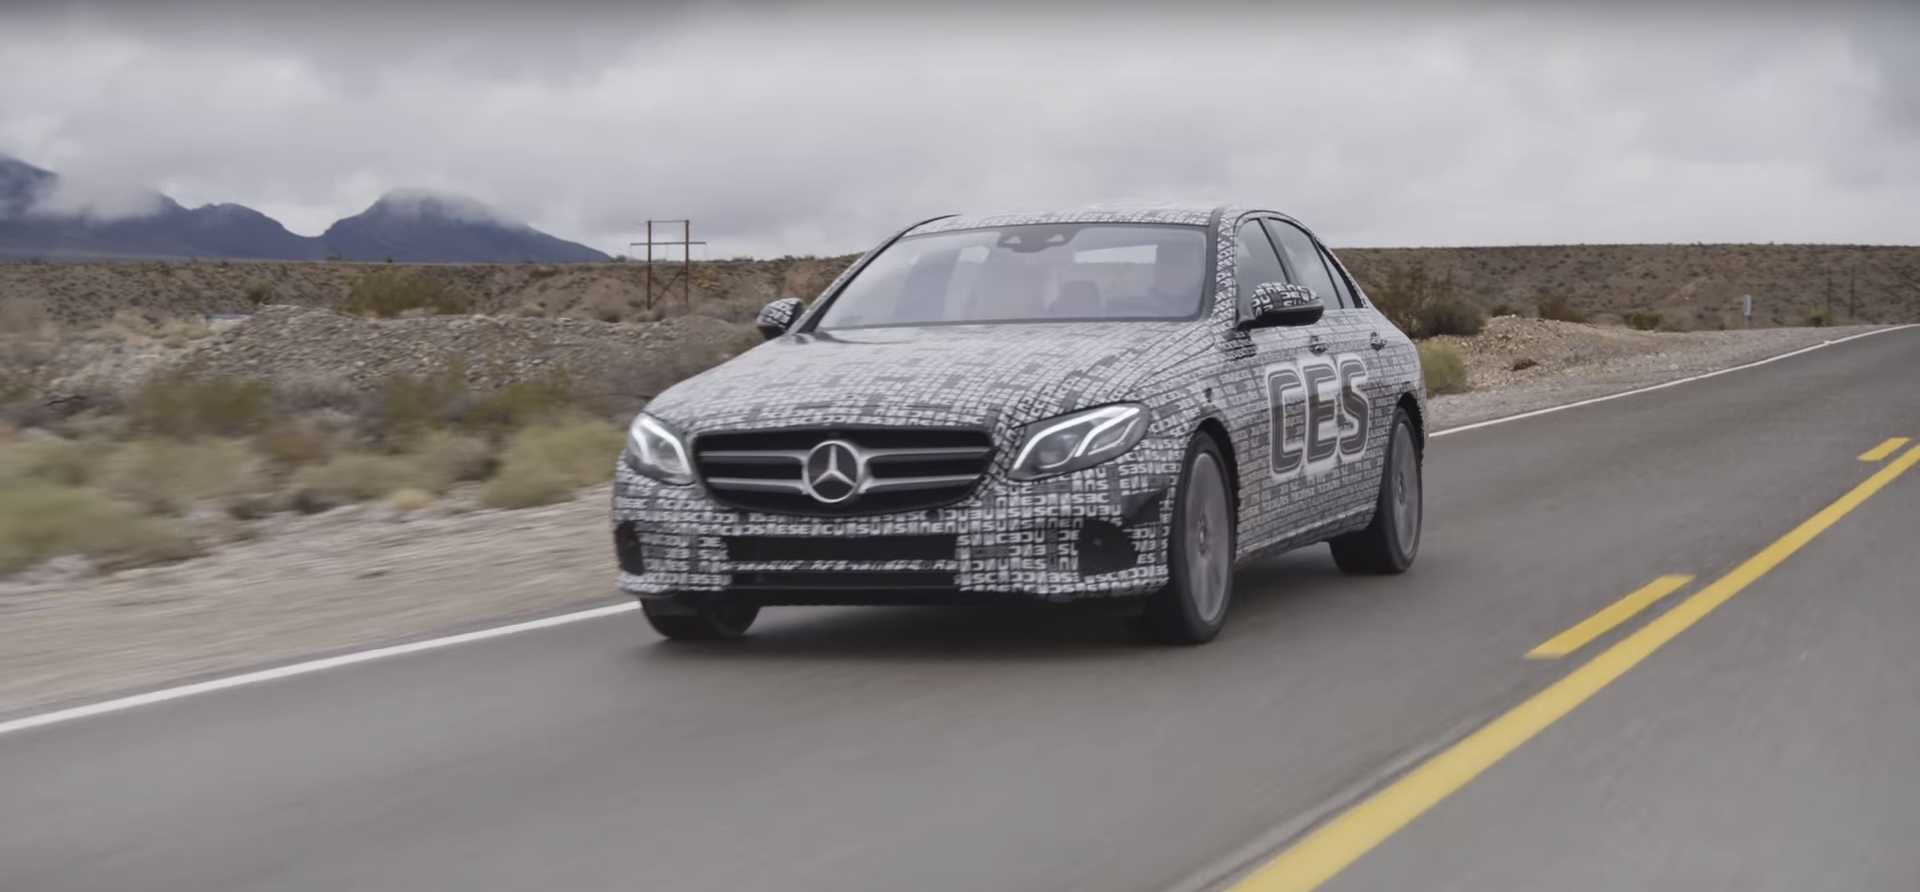 Mercedes autonomous e-class